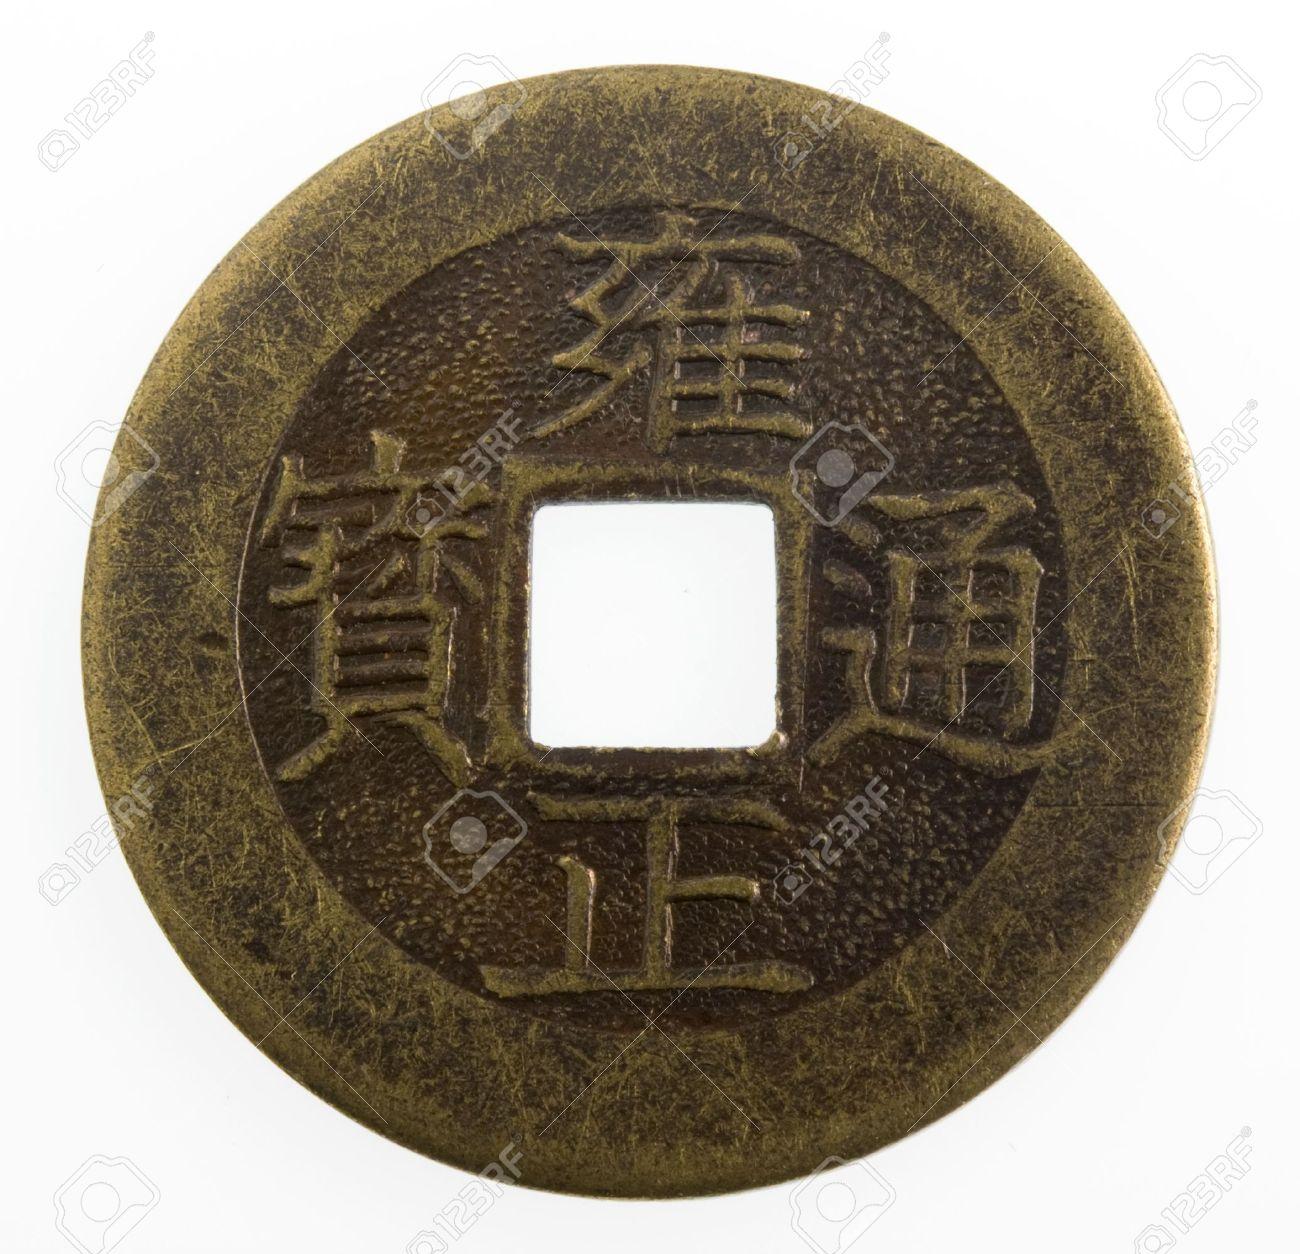 Alte Japanische Münze Mit Einem Quadratischen Loch Isoliert Auf